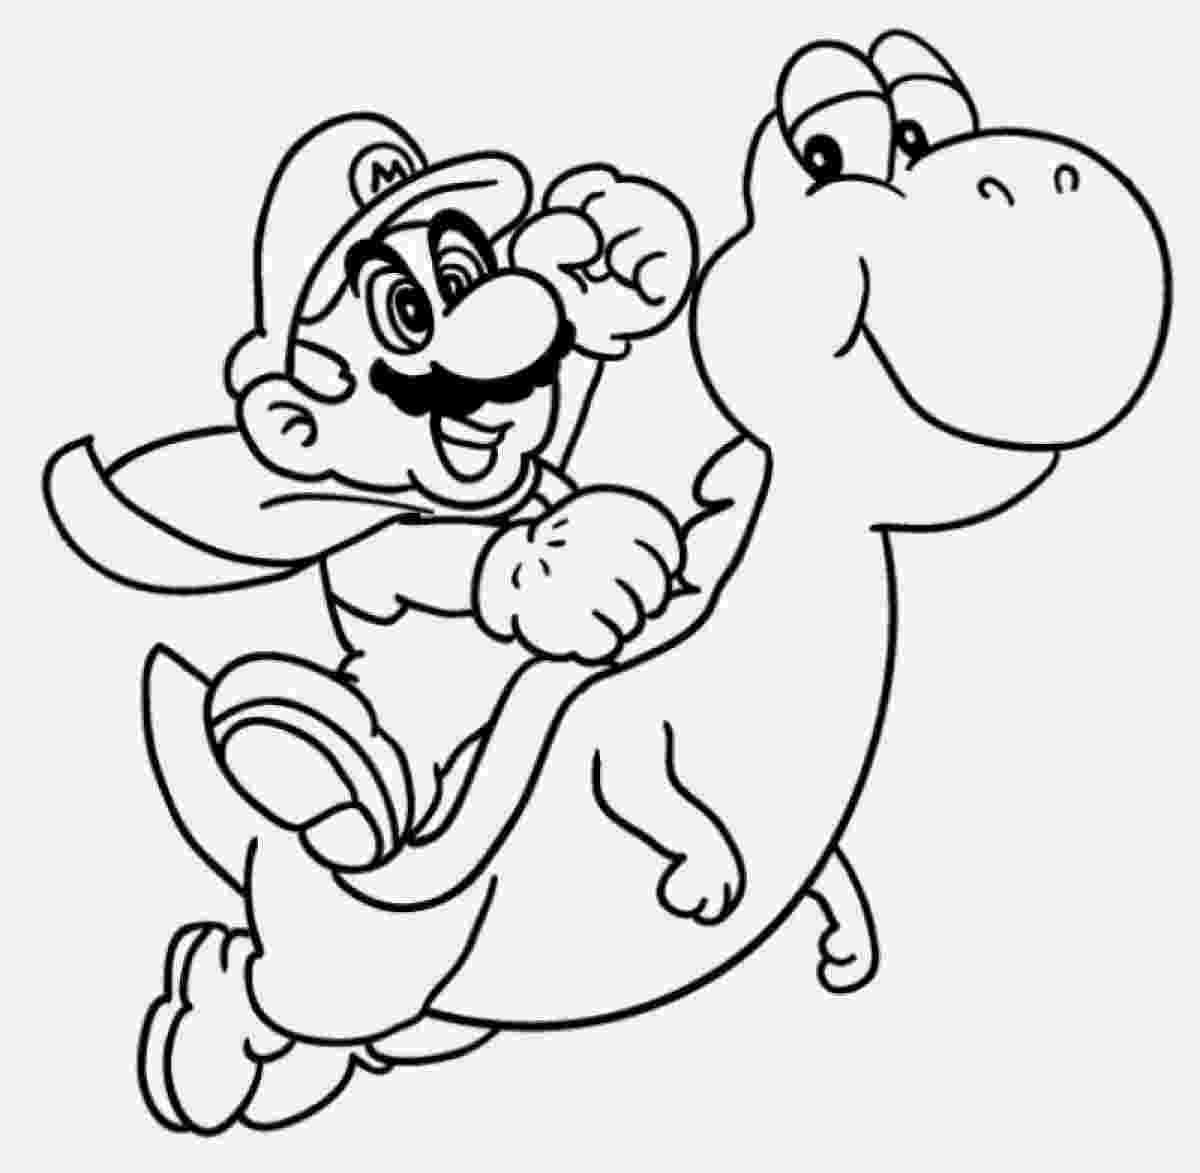 super mario coloring games super mario coloring pages free printable coloring pages coloring games mario super 1 1